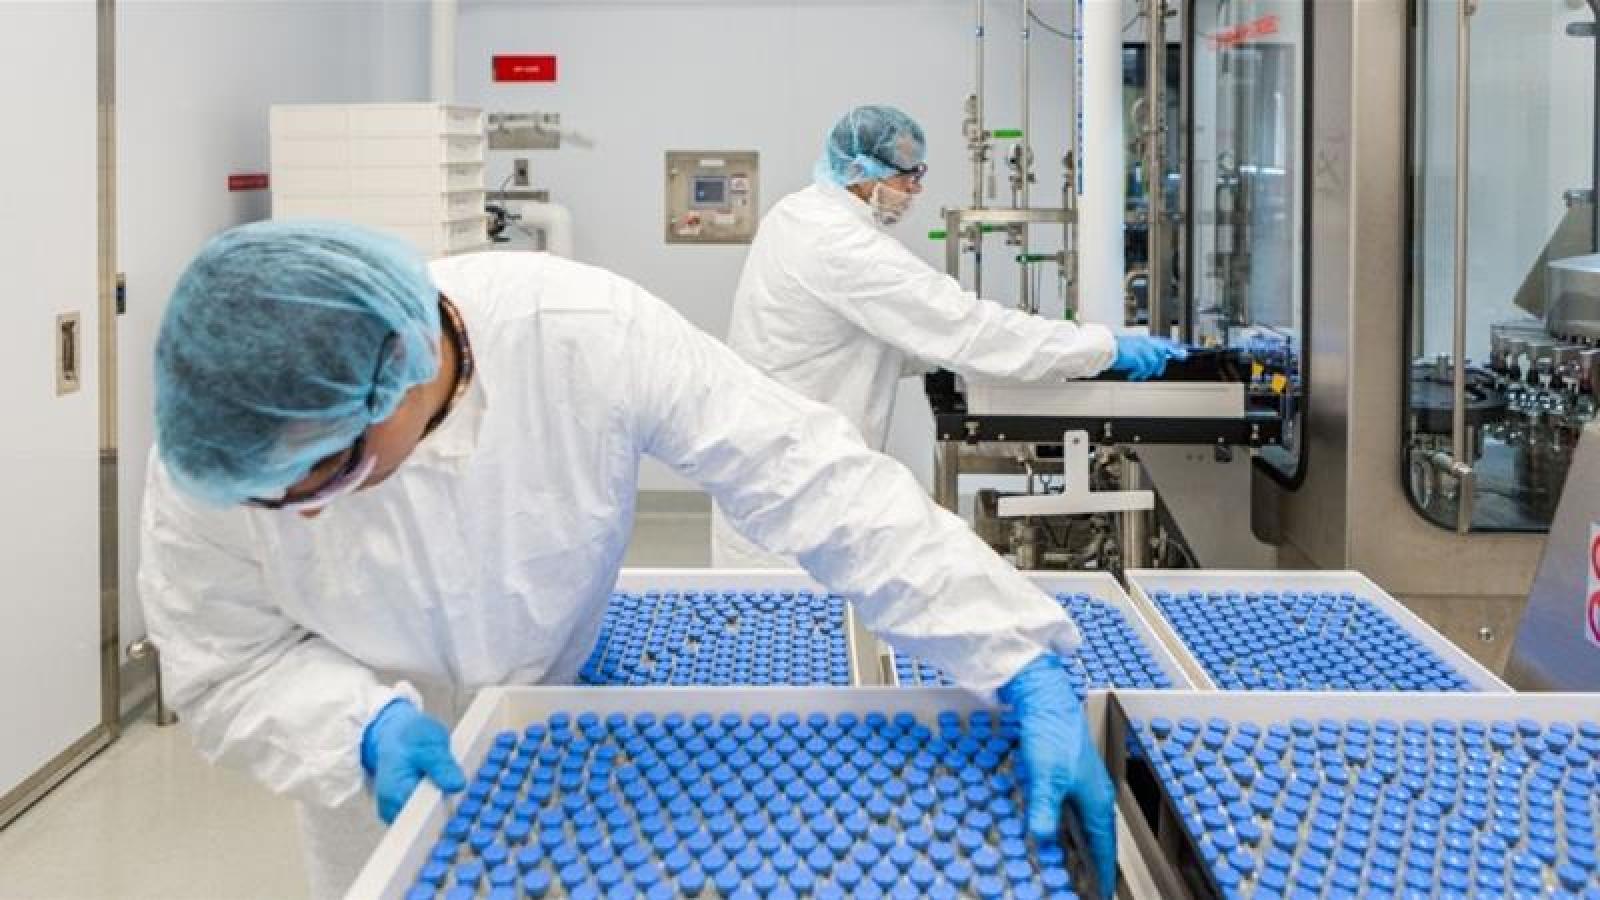 Mỹ lên kế hoạch phân phối ngay khi vaccine ngừa Covid-19 được phê duyệt